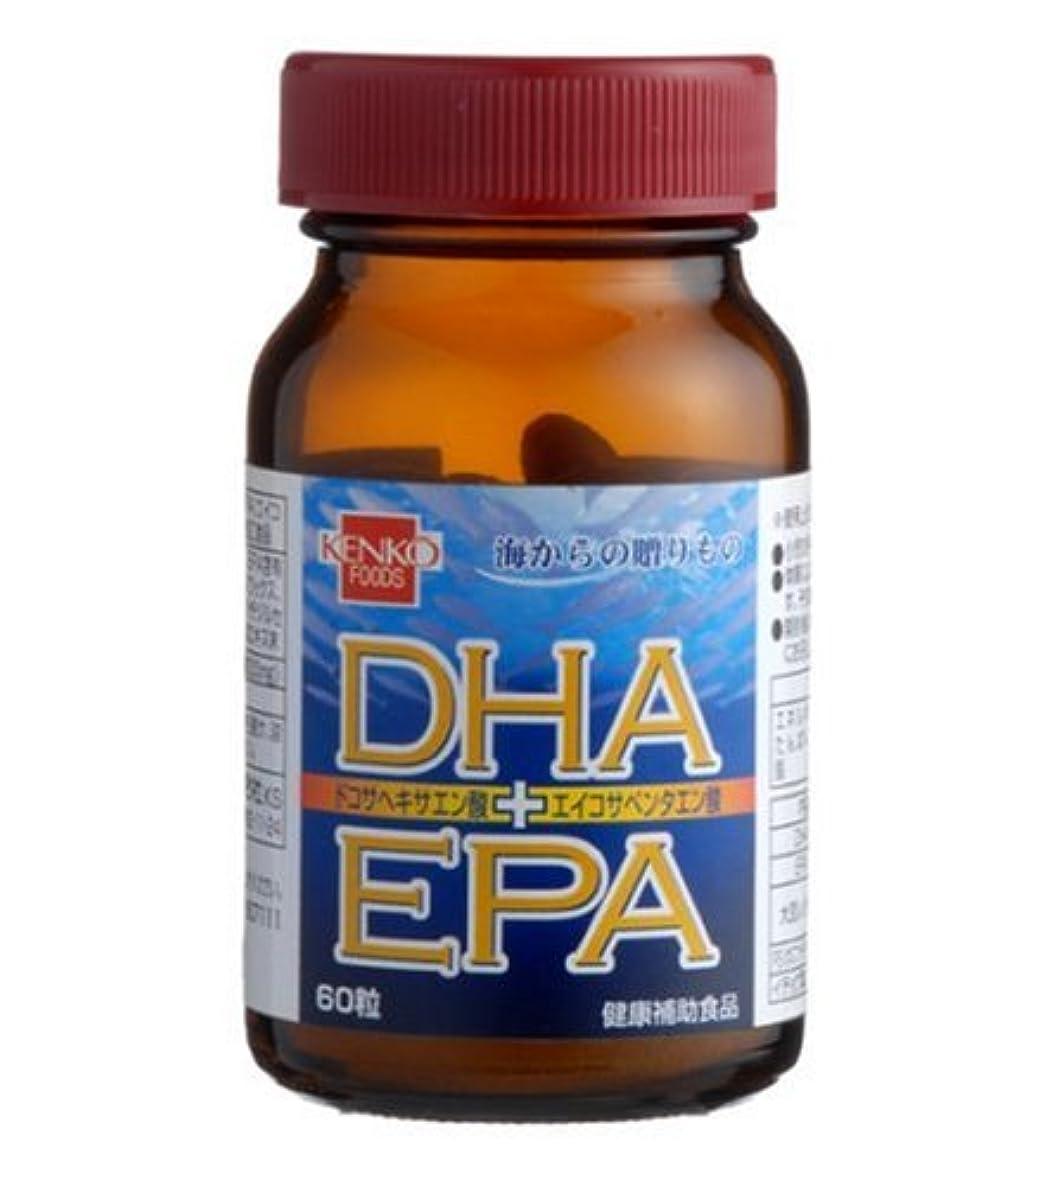 後ろ、背後、背面(部シダ迷惑健康フーズ DHA+EPA 60粒